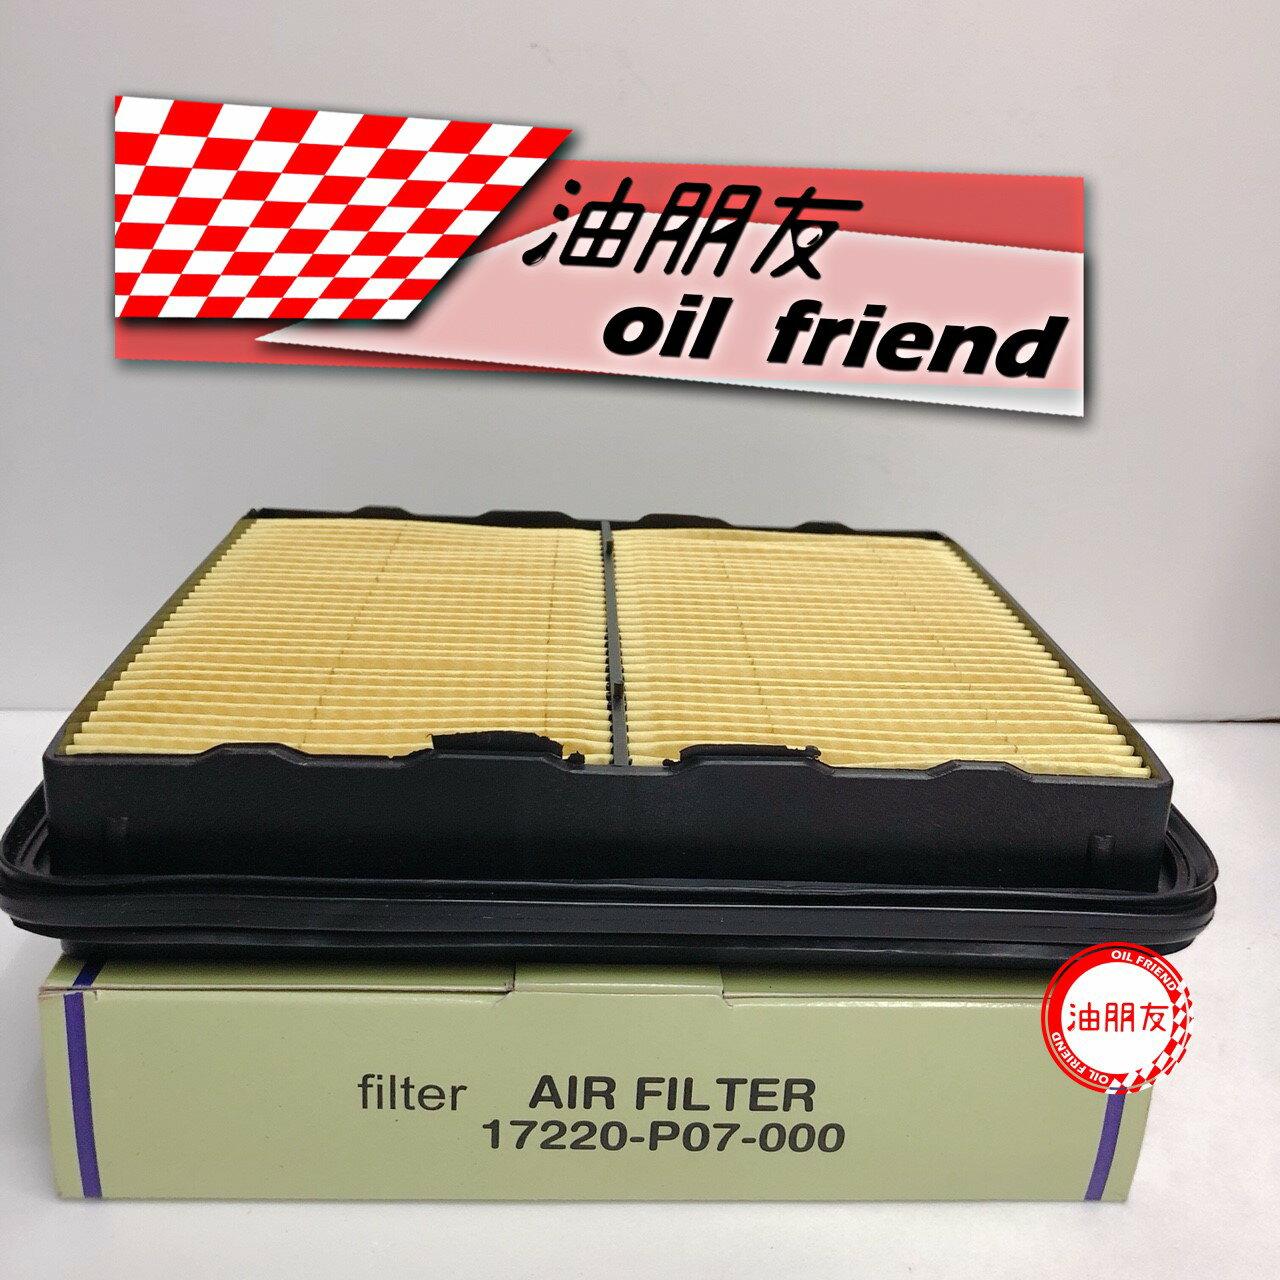 -油朋友- K6 1992~1996 副廠 空氣芯 喜美5代 空氣心 空氣濾網 空氣濾心 空氣濾芯